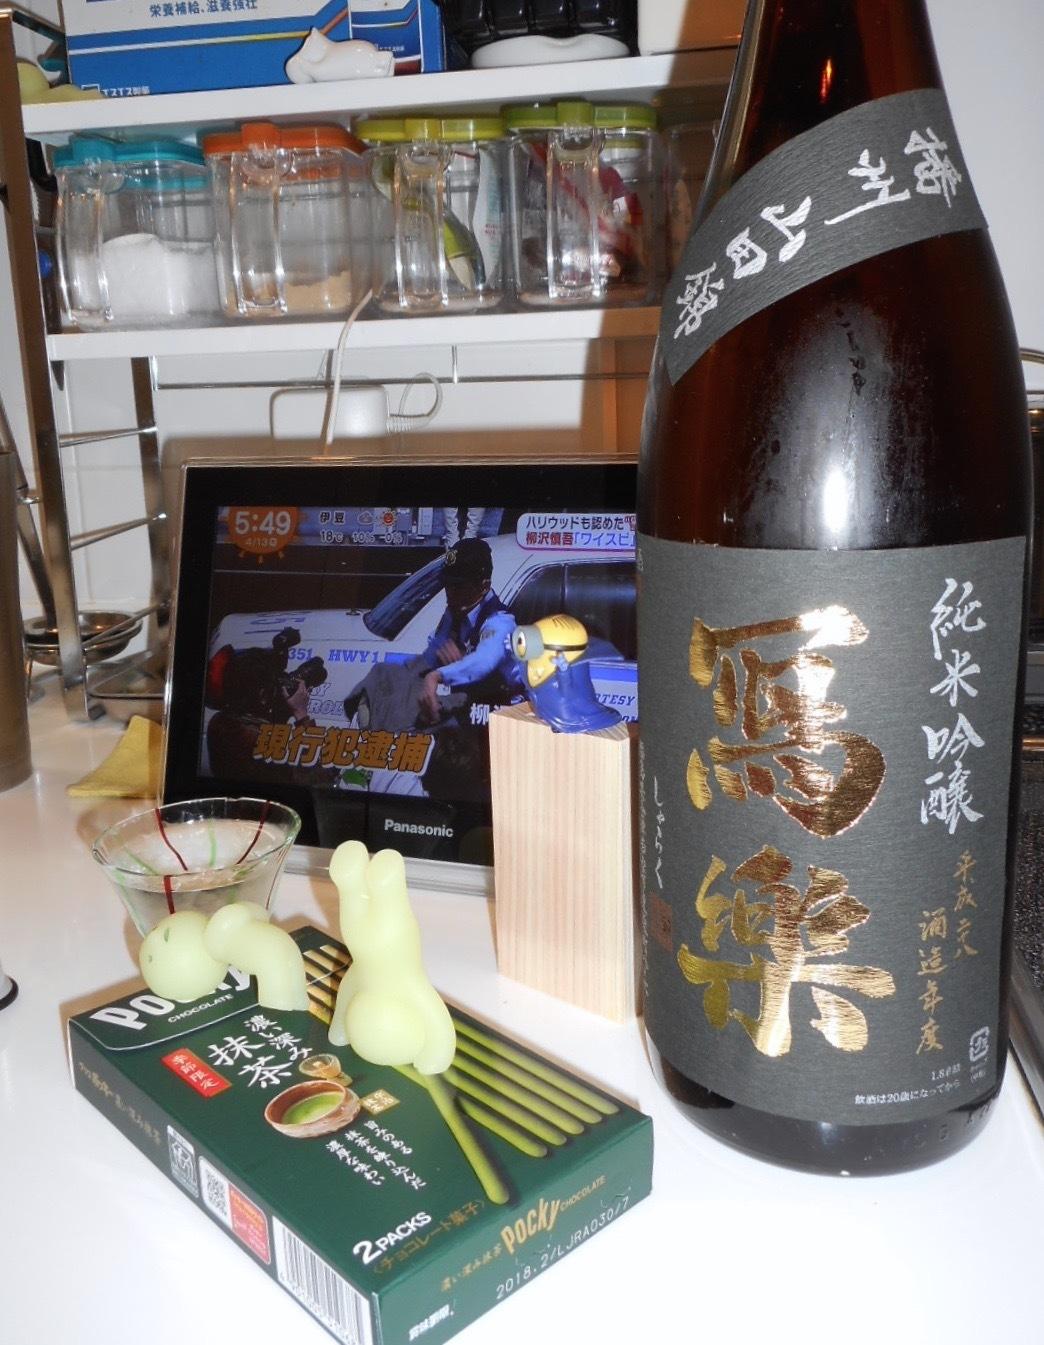 sharaku_yamada50nama28by6.jpg